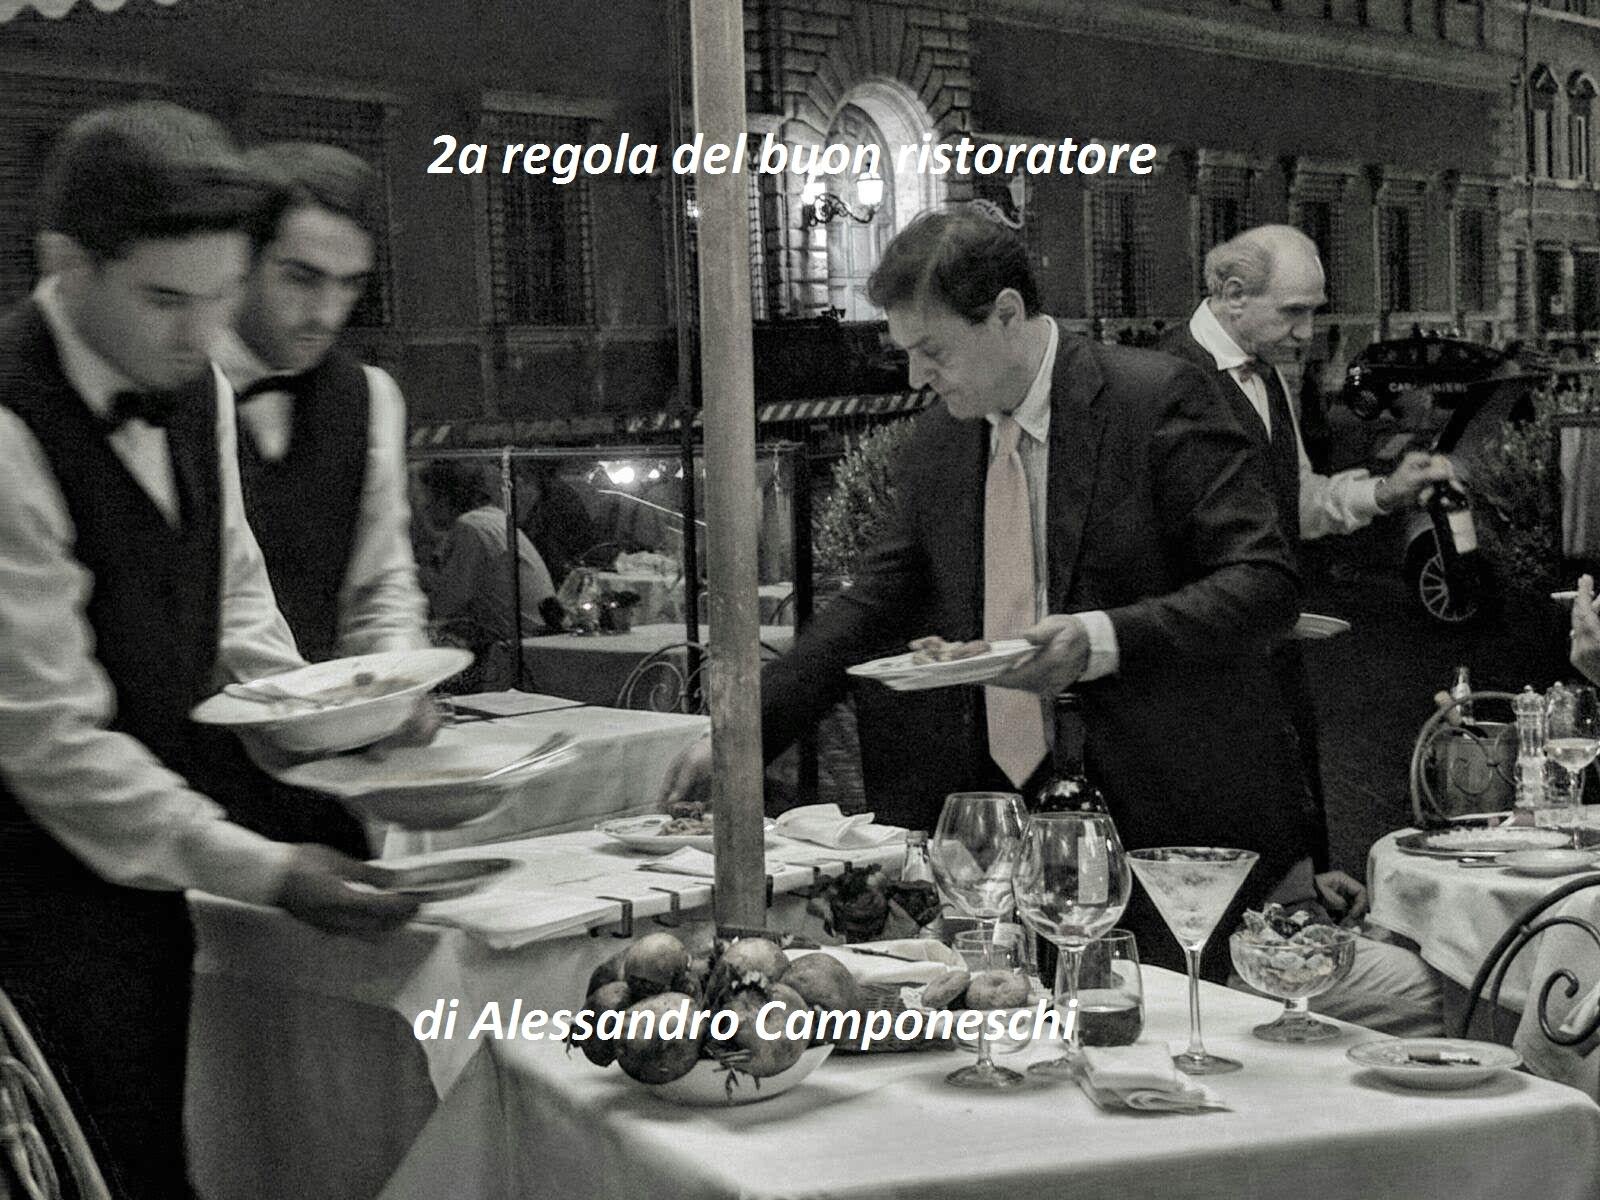 2a regola del buon ristoratore